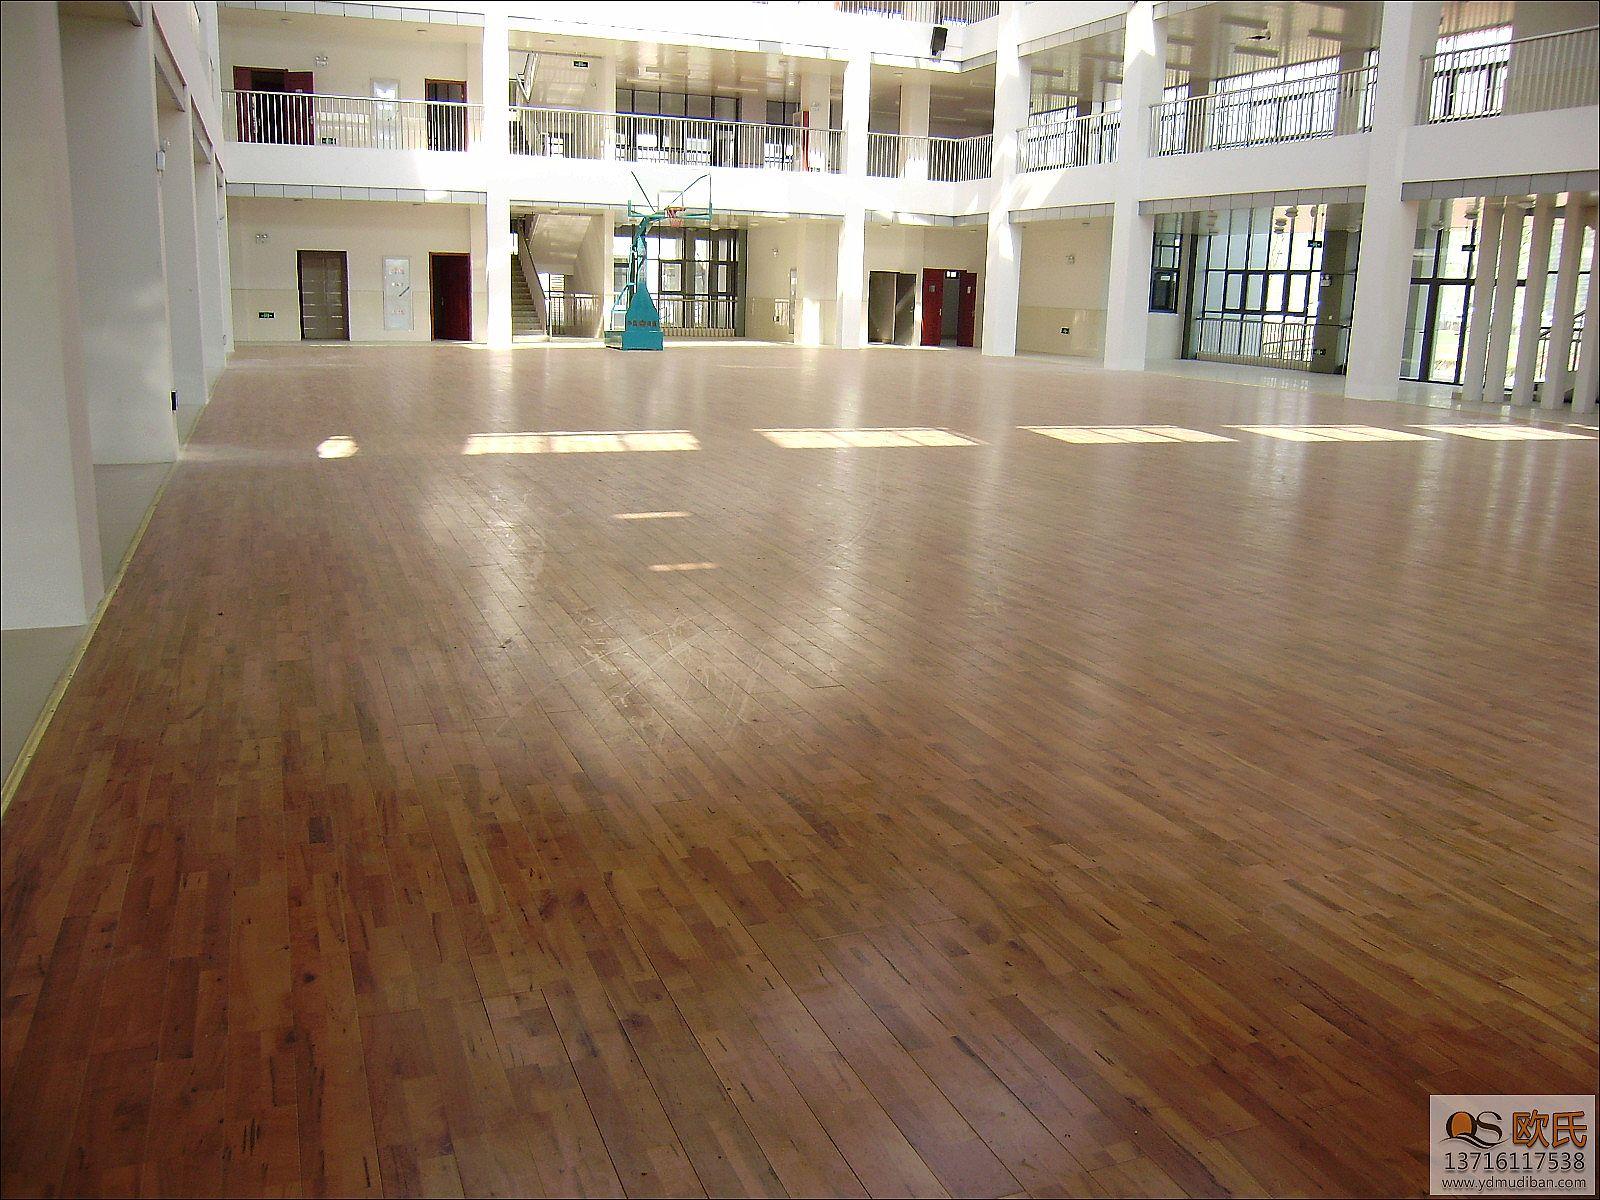 体育馆运动木地板系统施工有很多的问题需要注意,有些施工问题如若不是专业的施工人员是很难发现的。所以我们一直强调体育馆运动地板的施工一定要找专业的施工人员来负责。下面我们就挑几个问题来分析一下: 1、拼装过松或过紧运动木地板随着环境温湿度的变化而会出现膨胀或收缩现象。因此在铺设体育运动木地板时,应根据体育场所的环境温湿度高低来合理安排运动木地板的拼装松紧度。如果过松地板收缩就会出现较大的缝隙,过紧地板膨胀时就会起拱。 2、在用打木楔加铁钉的固定方式施工中采用打木楔加铁钉的固定方式,会造成因木楔与铁钉接触面过